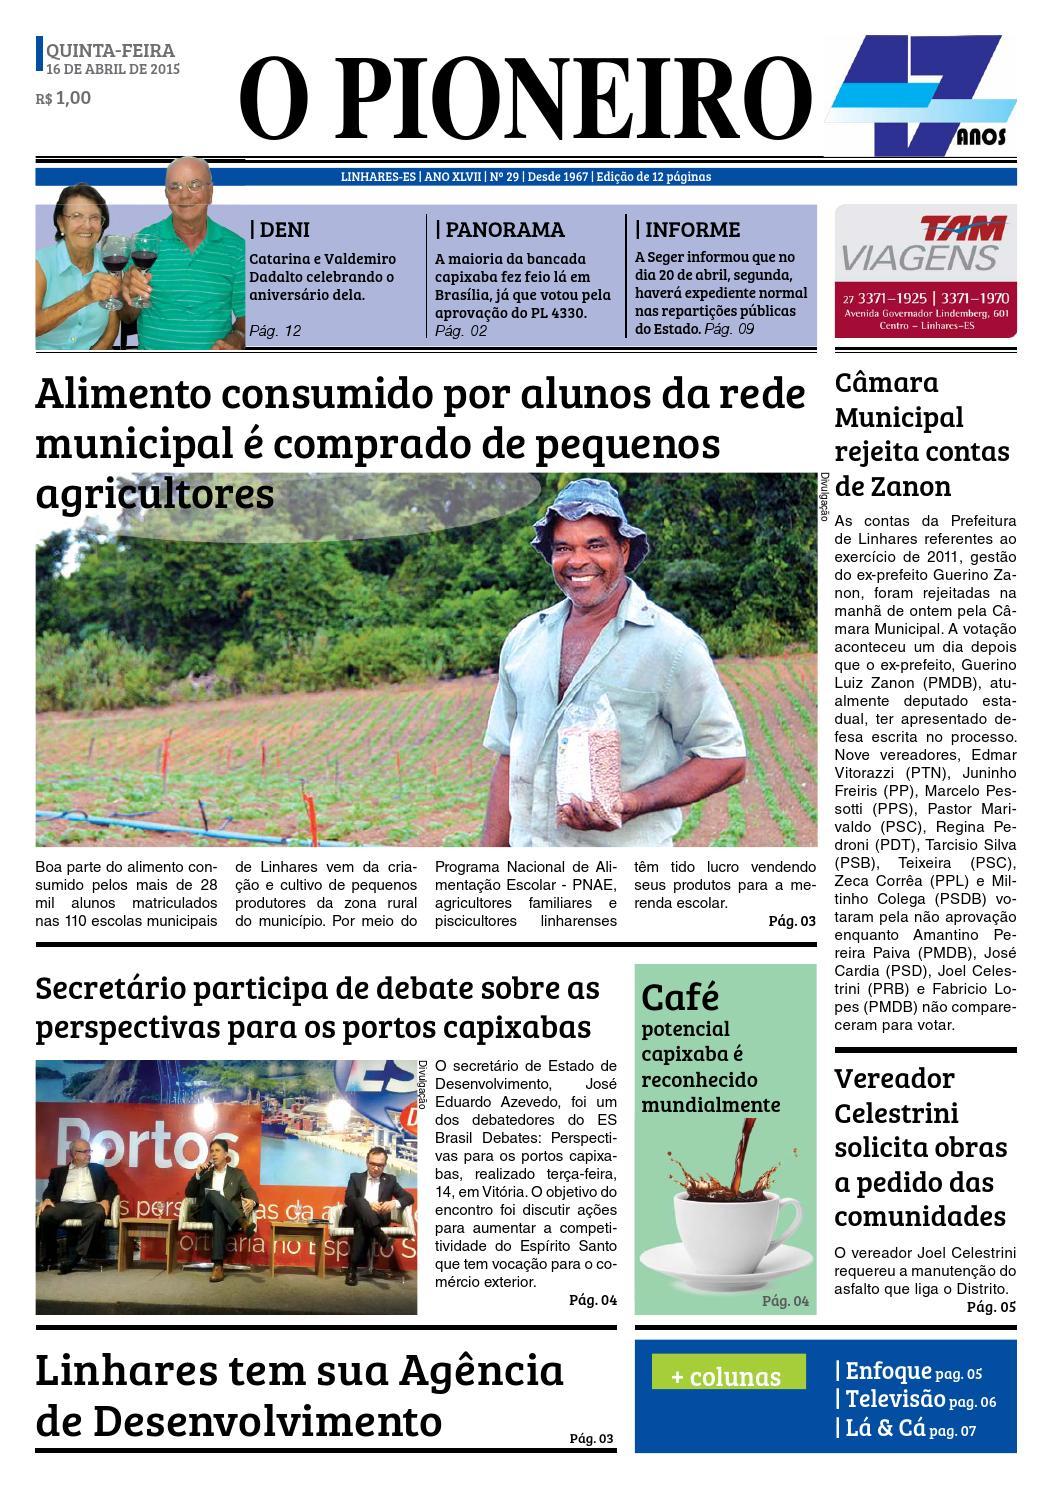 a6a05c3c24fa9 O PIONEIRO 16 DE ABRIL DE 2015 by Jornal O PIONEIRO - issuu